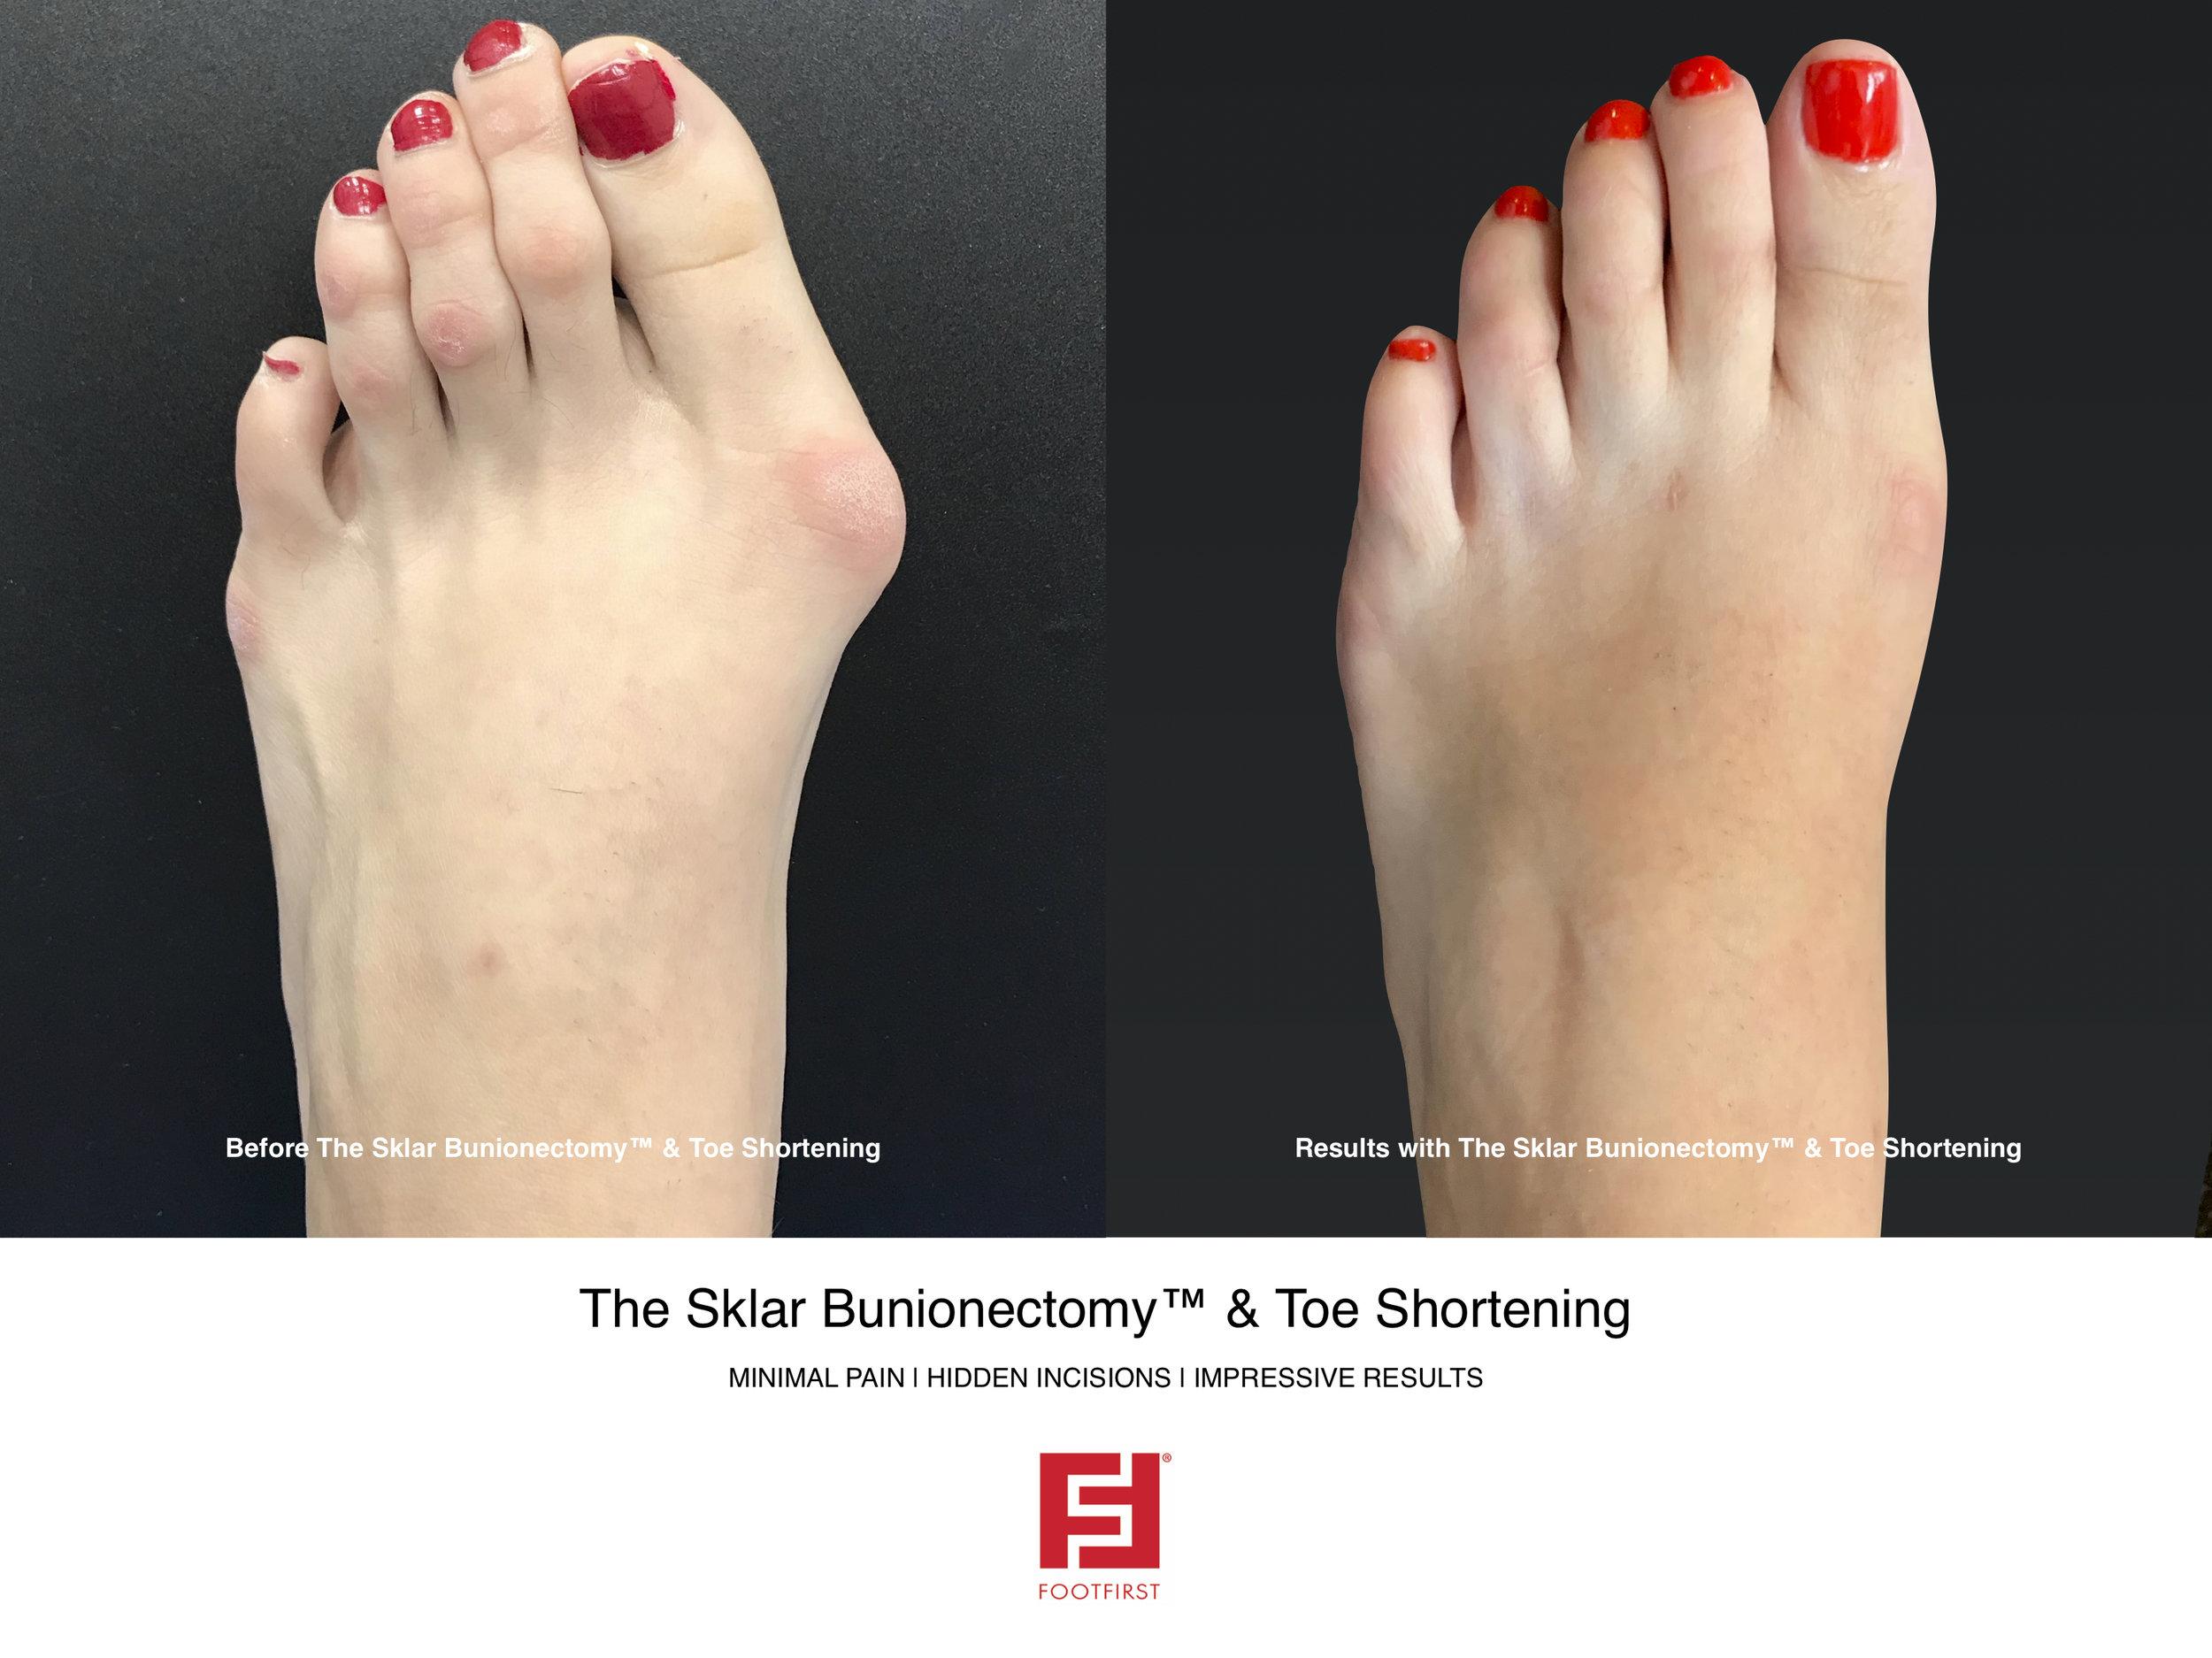 FF   www.footfirst.com - The Sklar Bunionectomy & Toe Shortening 1.jpg